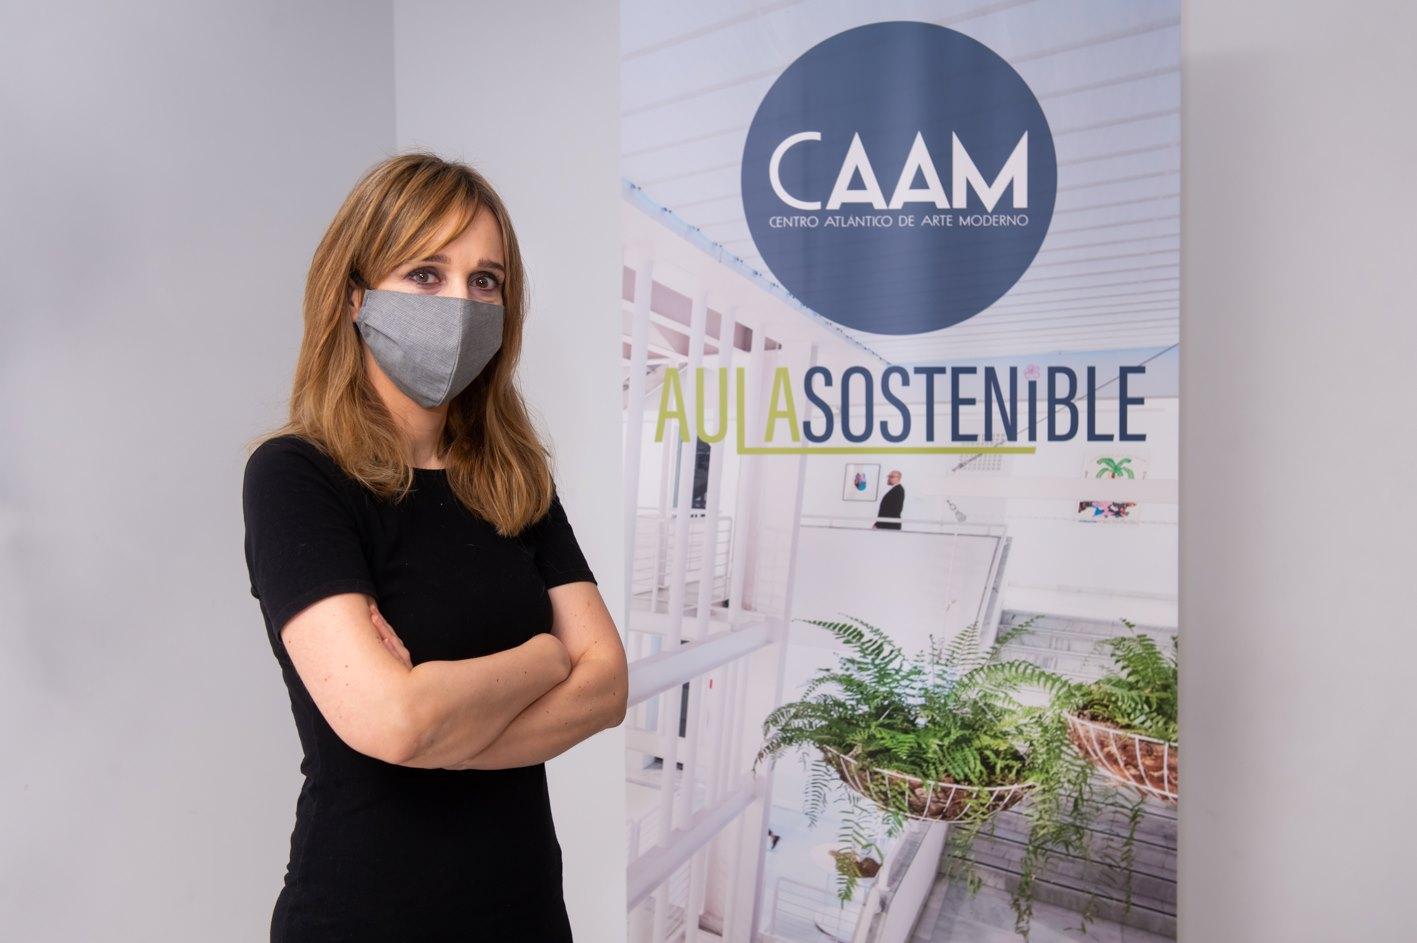 El CAAM activa las II Jornadas de su Aula Sostenible con actividades focalizadas en la cultura, la sostenibilidad y el ecofeminismo